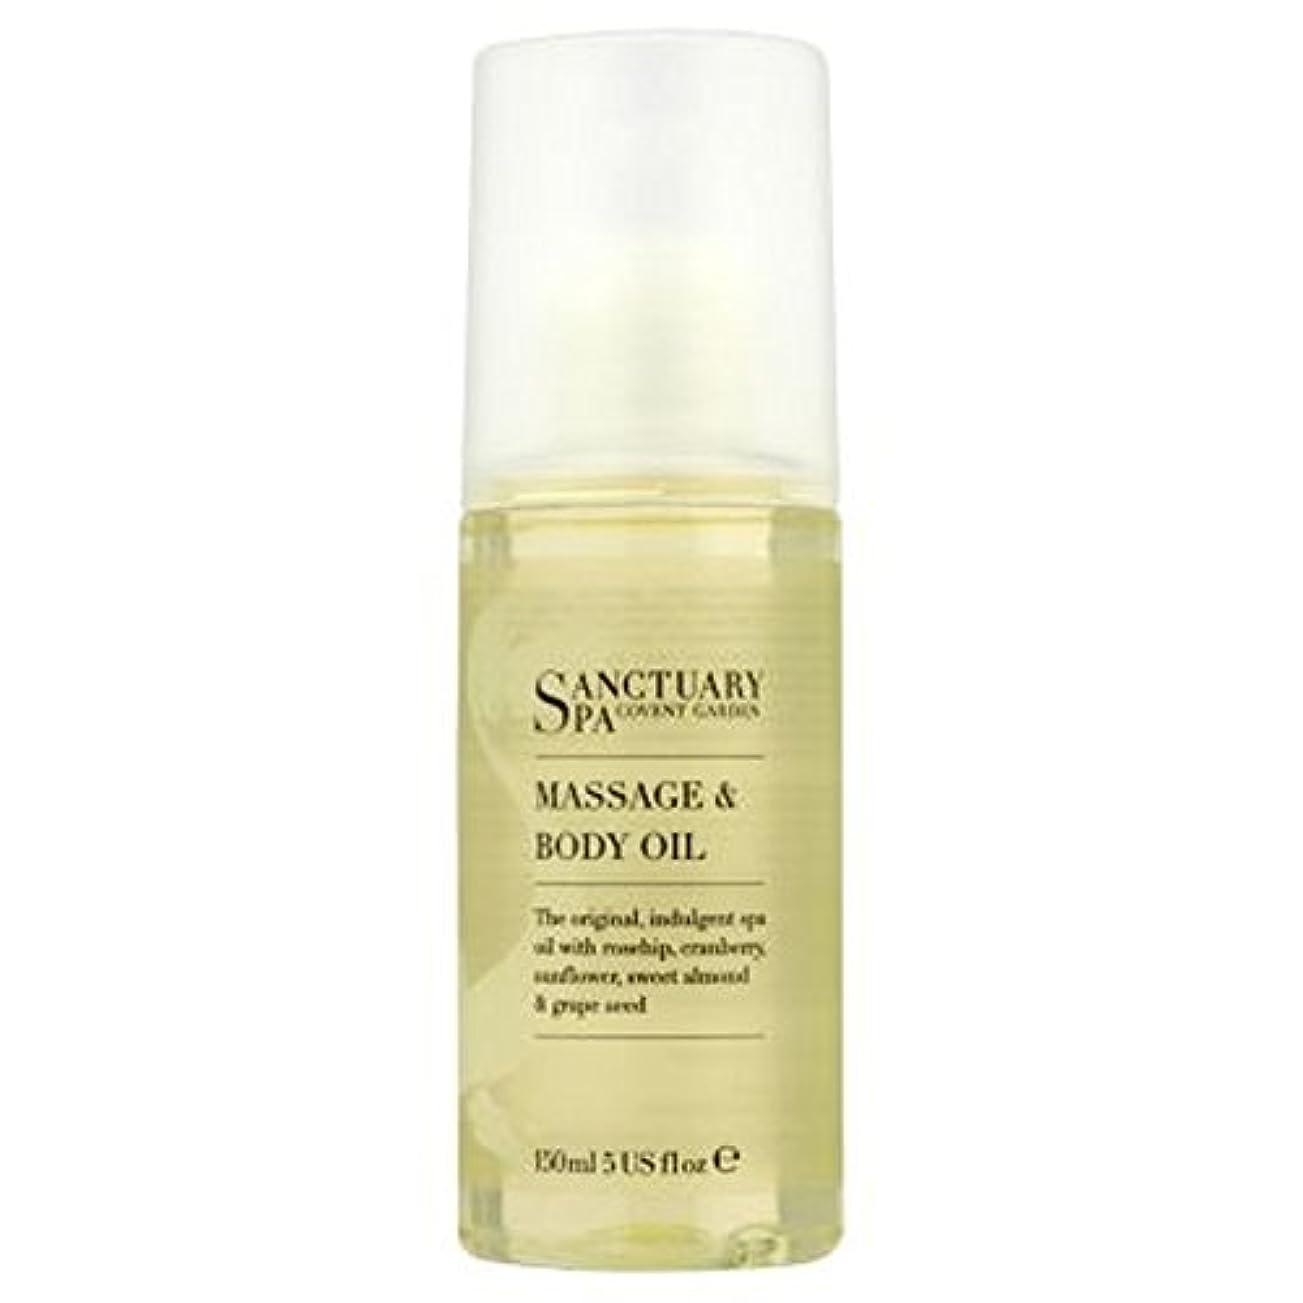 メタリックタイプライター若い聖域毎日のスパエスケープマッサージやボディオイル - 150ミリリットル (Sanctuary) (x2) - Sanctuary Daily Spa Escape Massage and Body Oil - 150ml (Pack of 2) [並行輸入品]